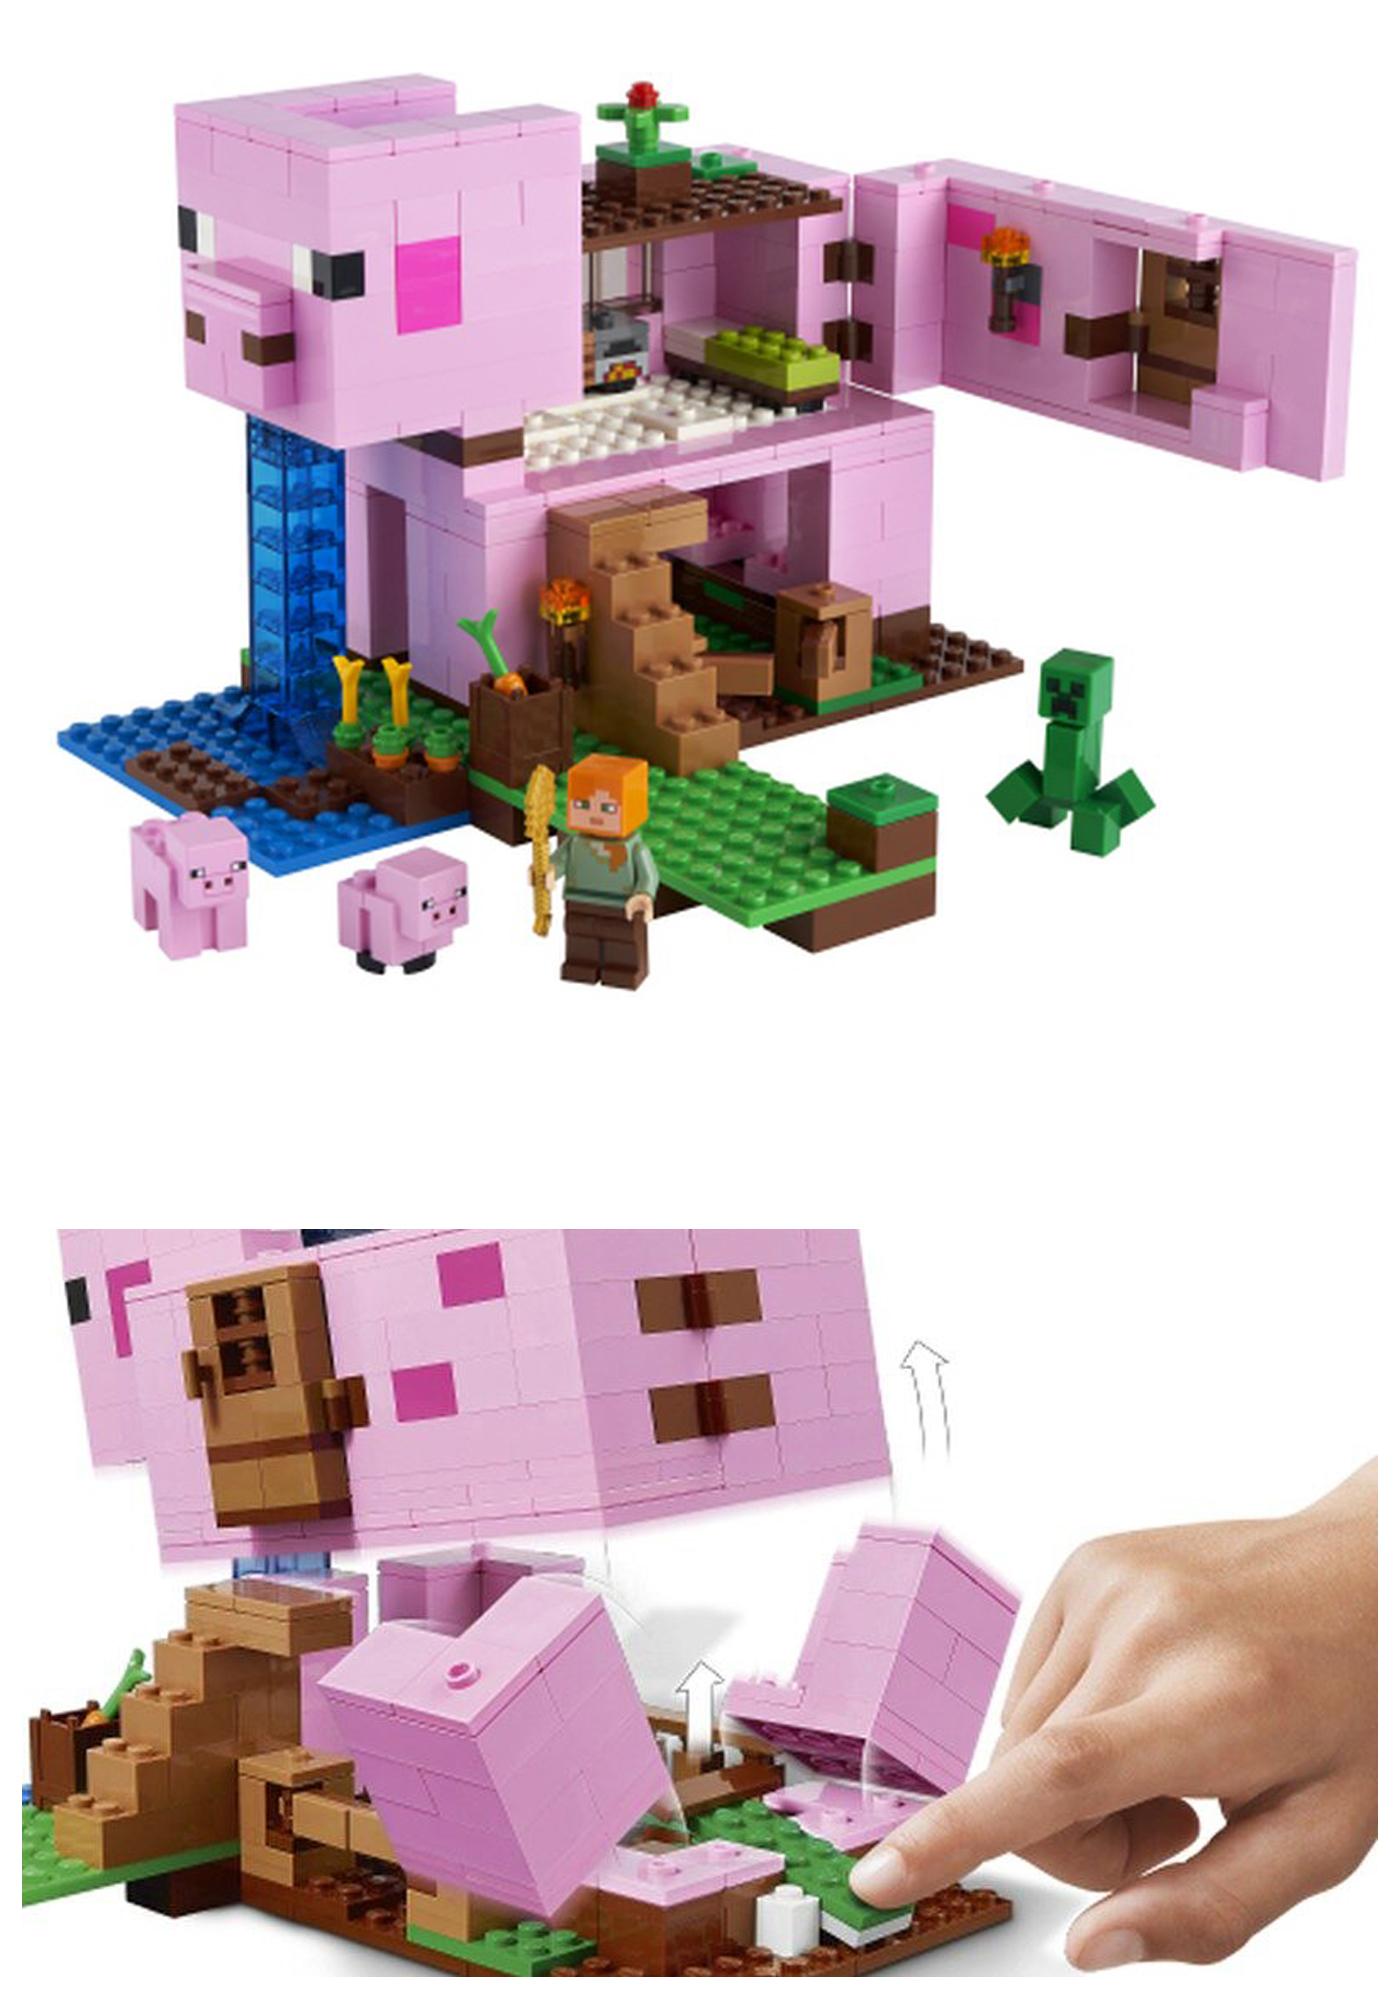 2020年冬のレゴ マインクラフト新製品情報!レゴでマイクラ世界を構築して遊ぼう!